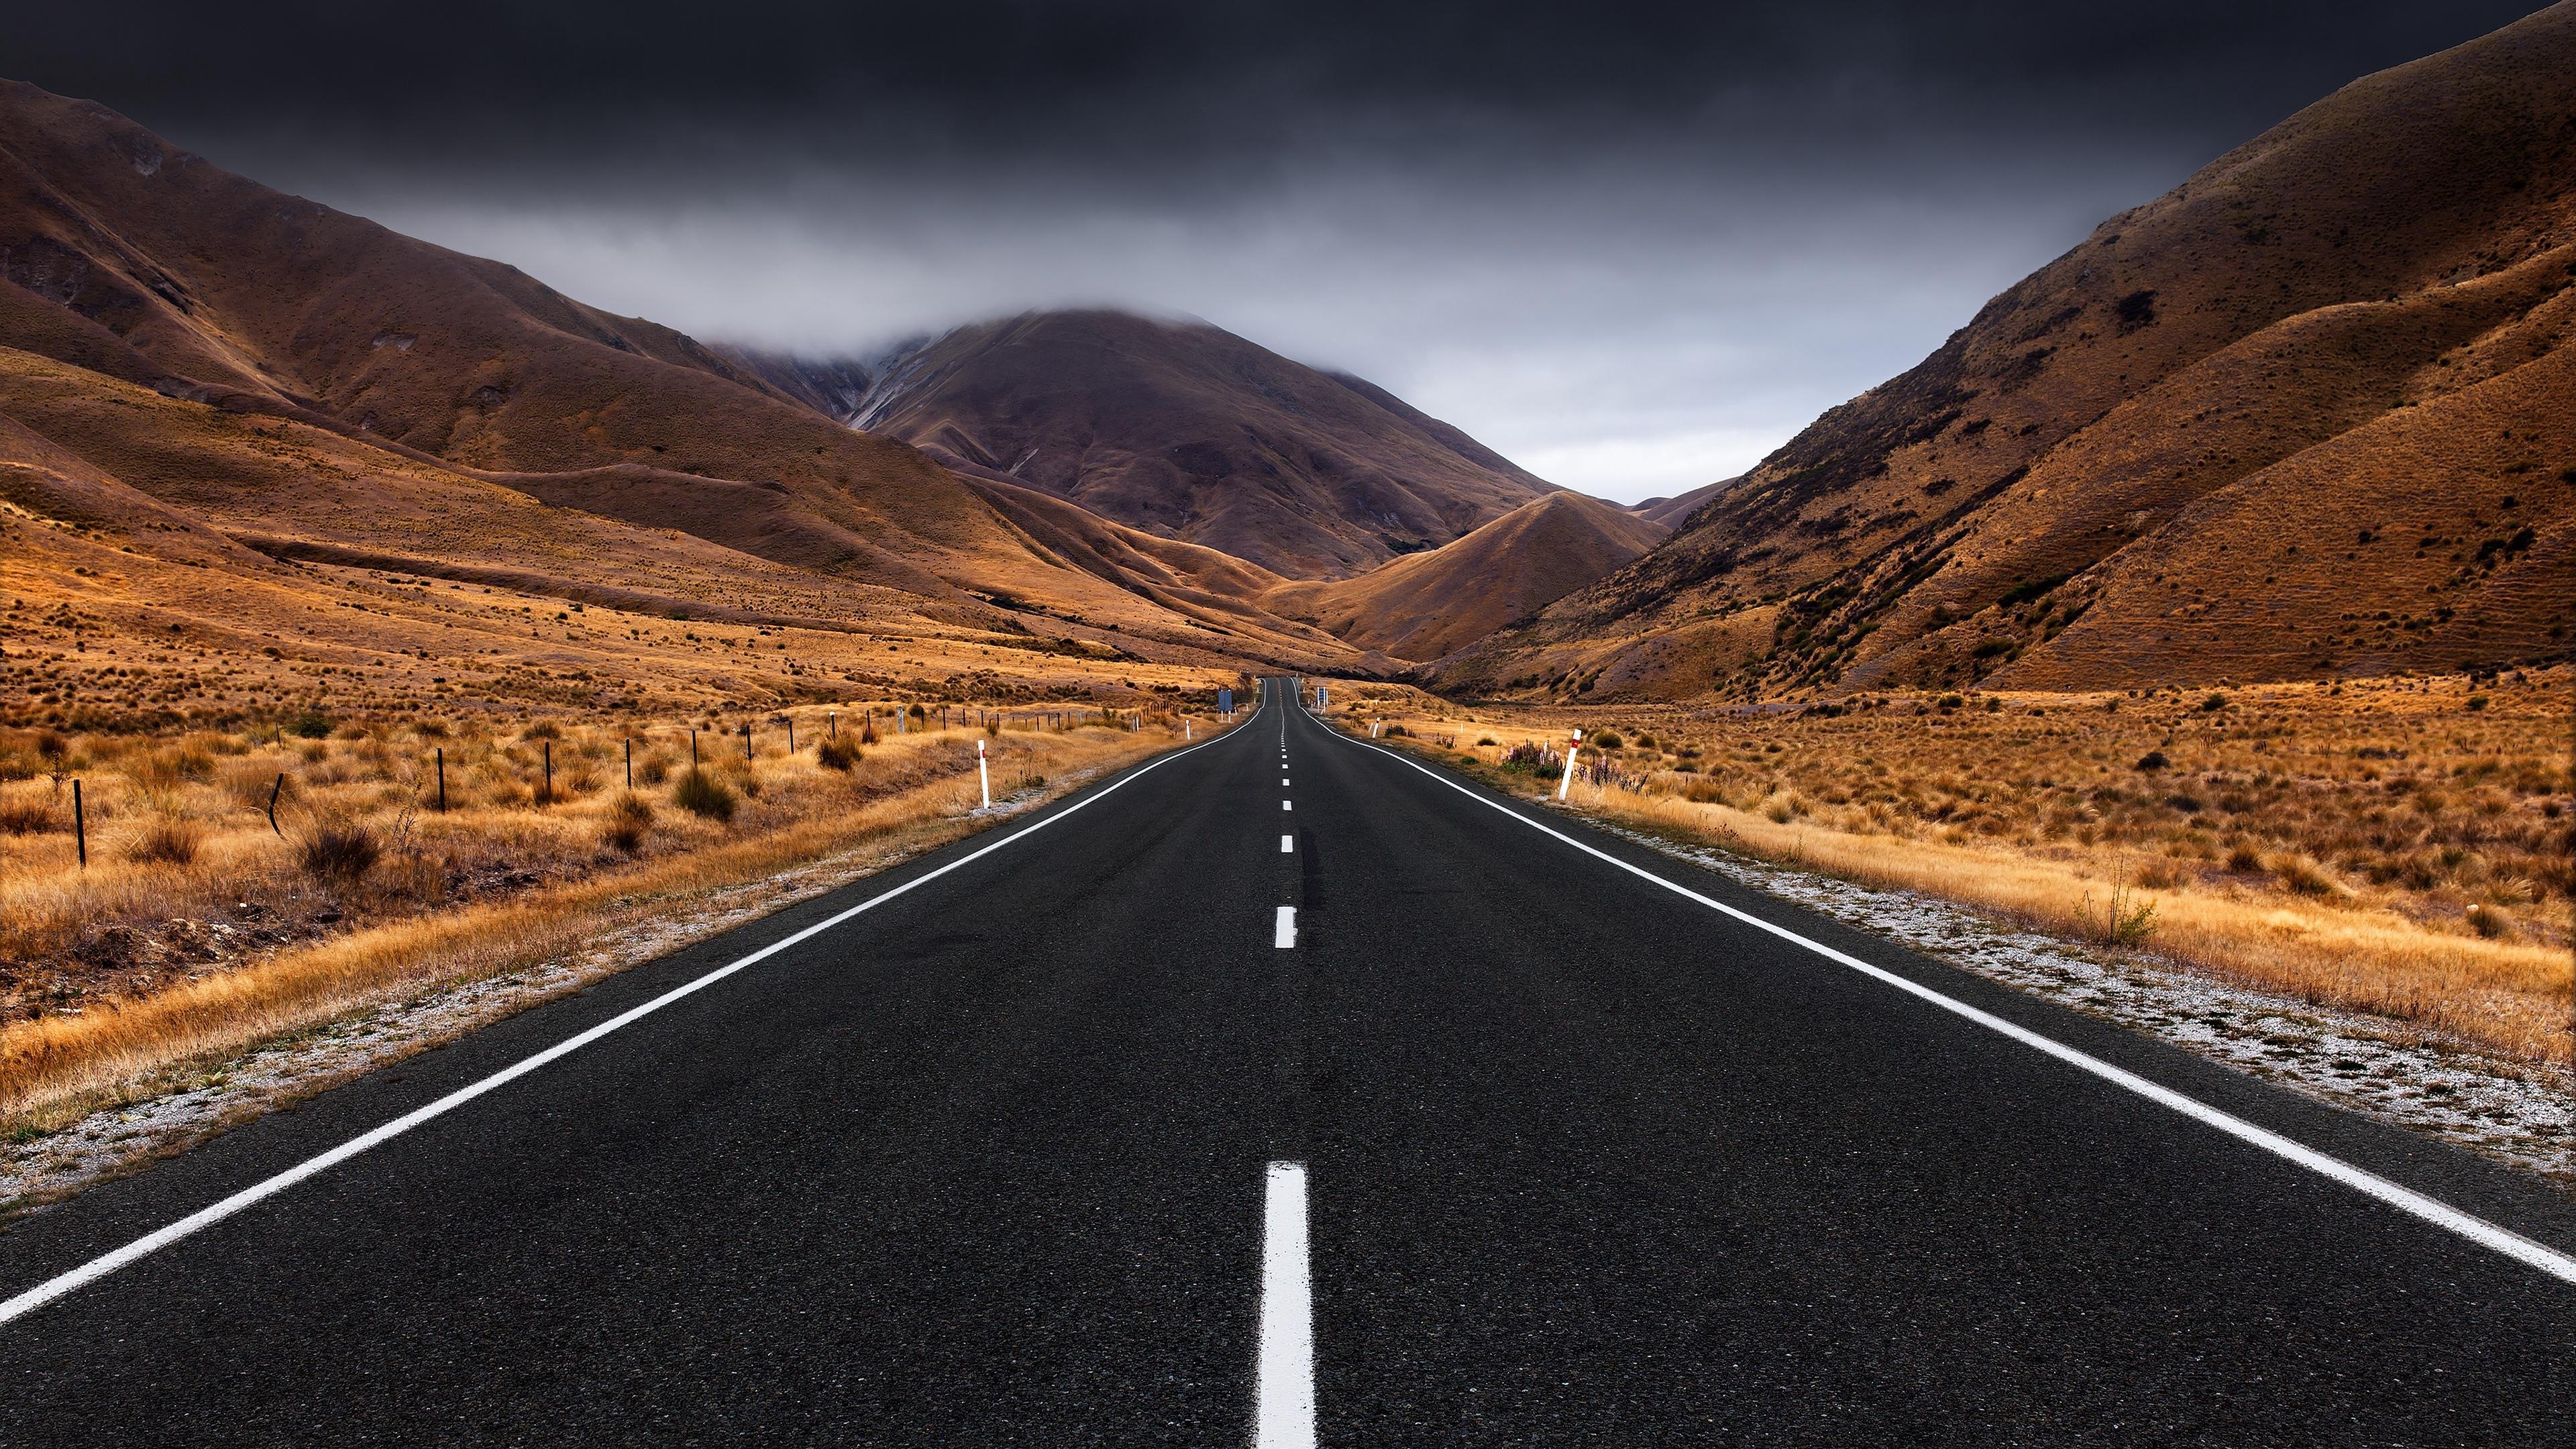 road markings motion 4k 1541117551 - road, markings, motion 4k - Road, Motion, markings